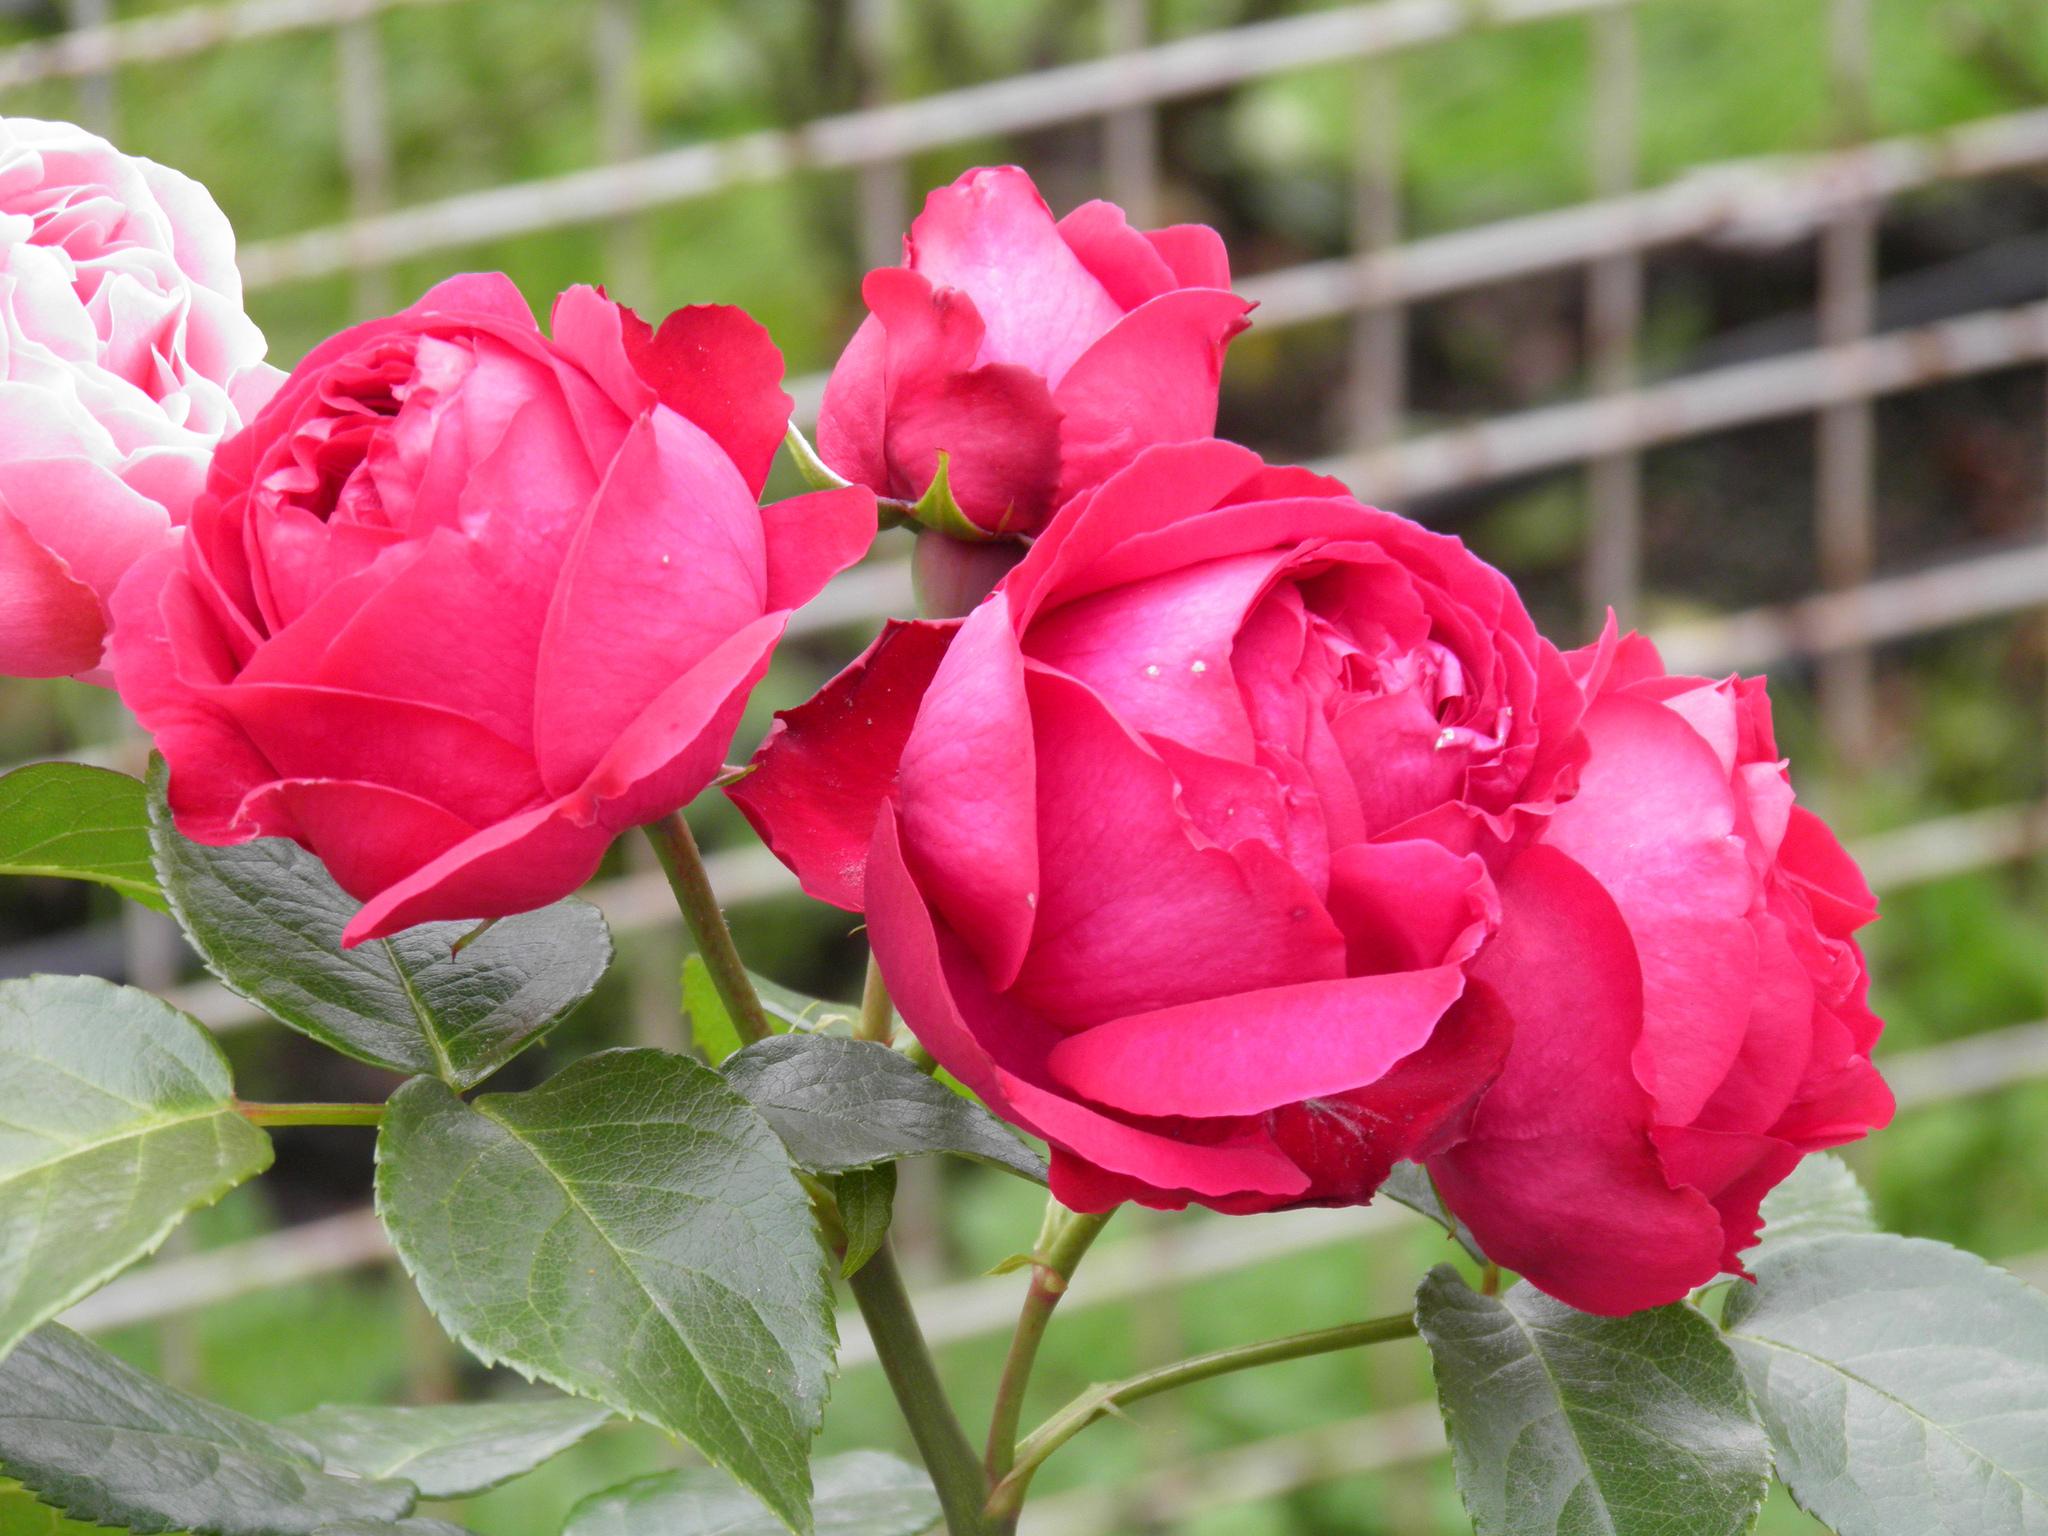 صورة اجمل ورد , مجموعه منوعه من الورود حلوة